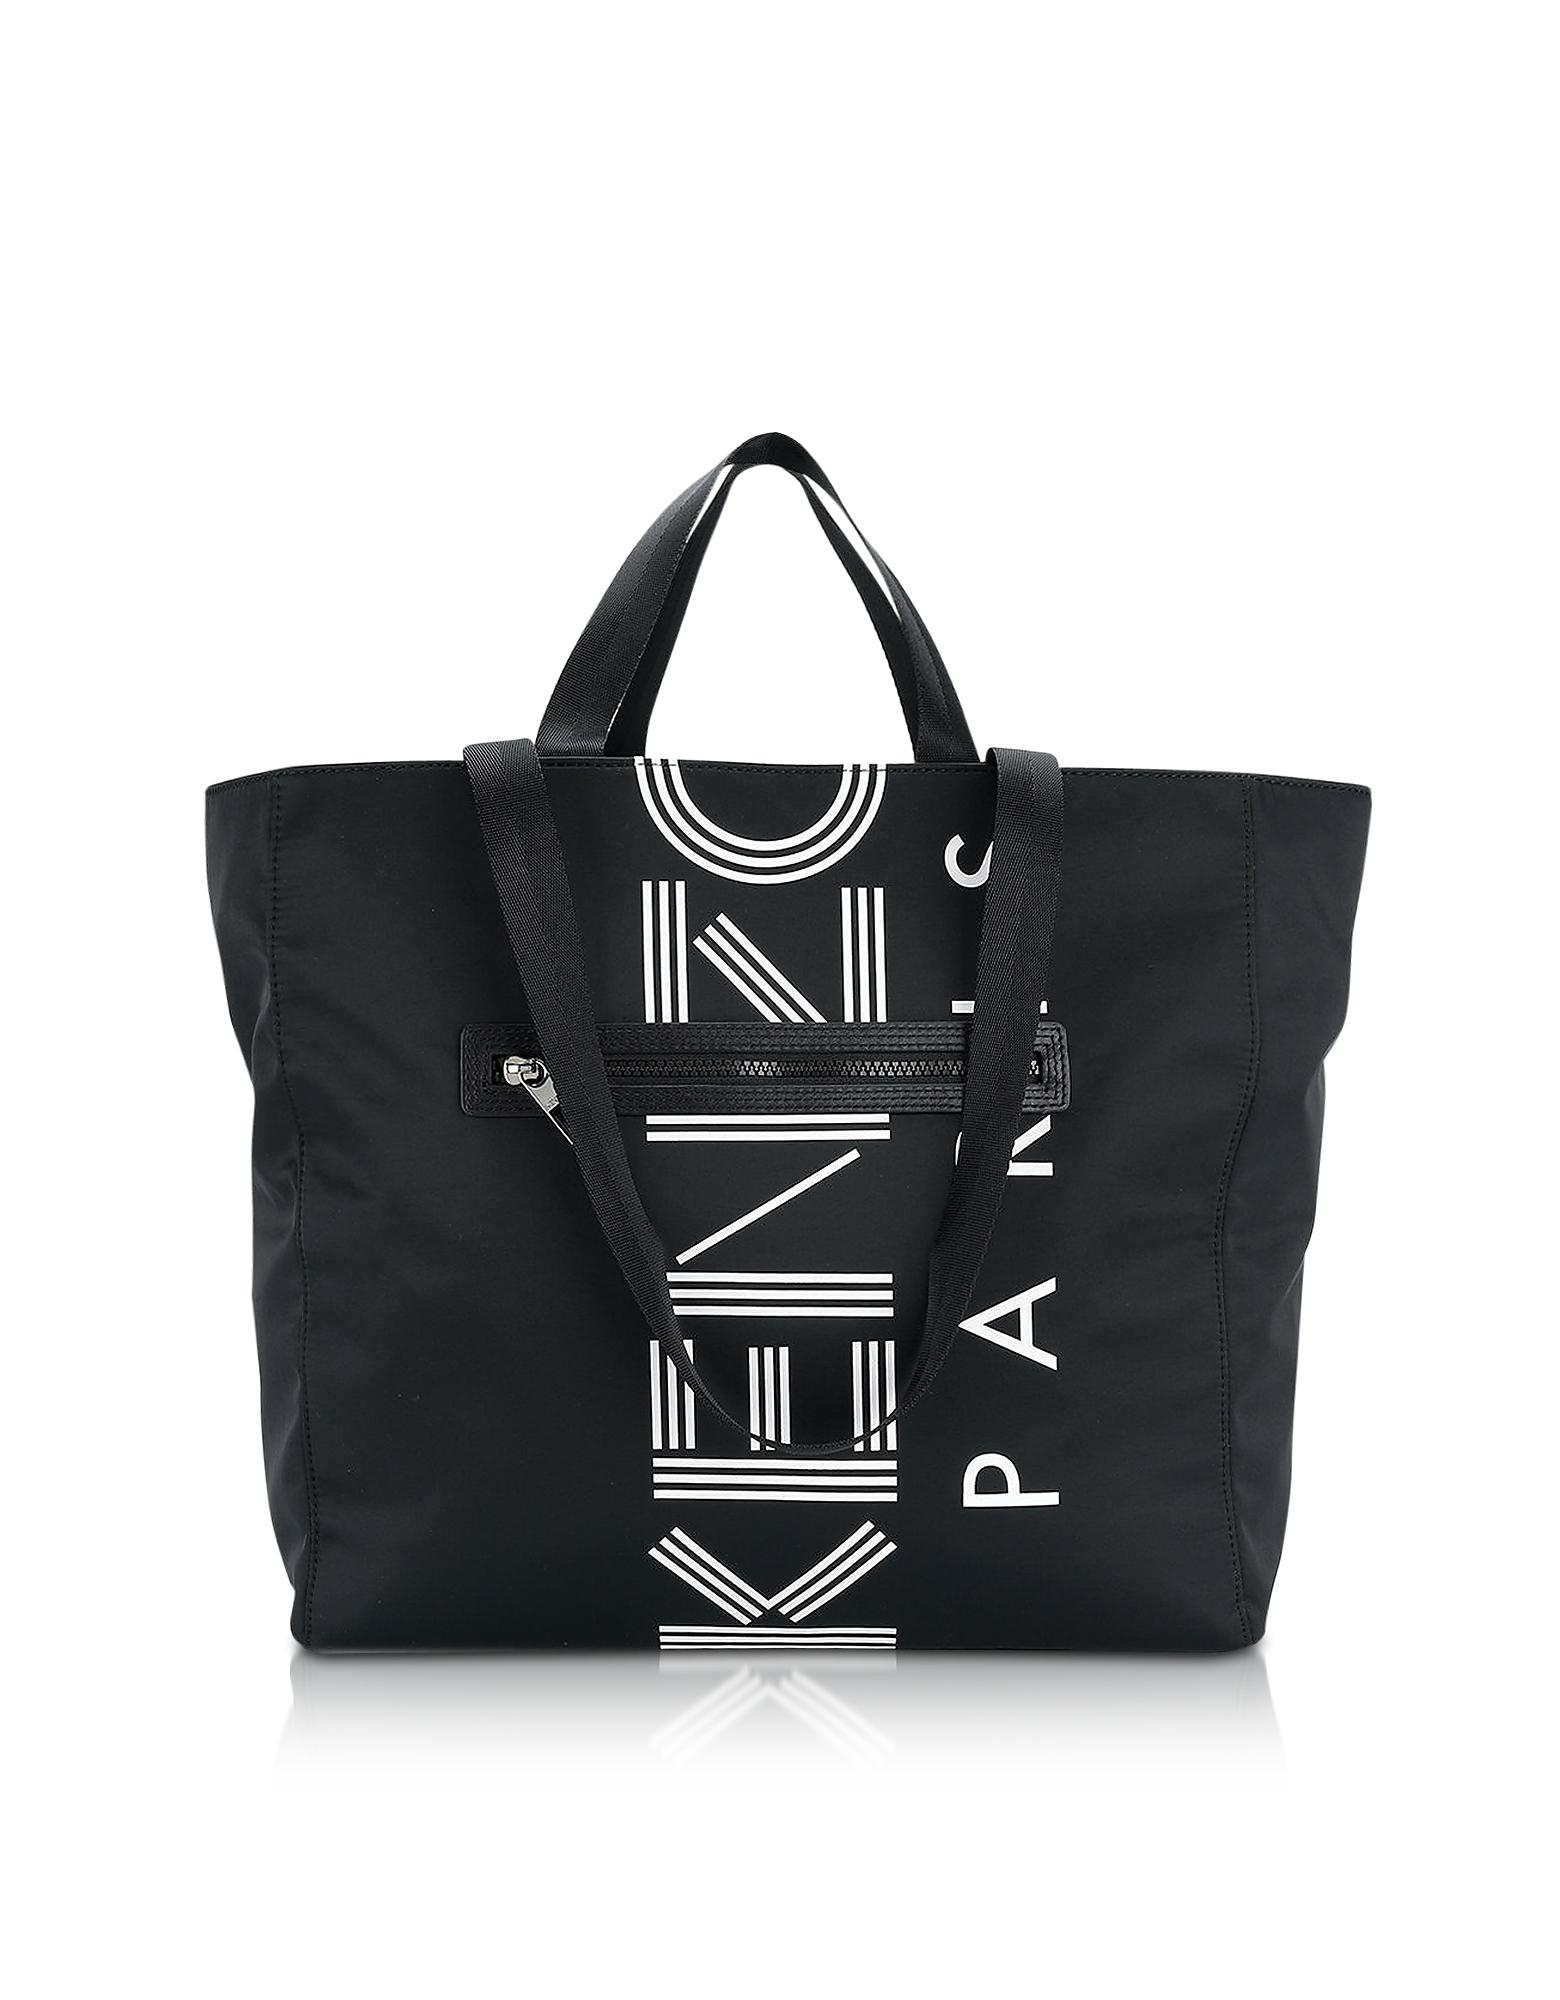 Kenzo Handbags, Black Nylon Kenzo Logo Tote Bag